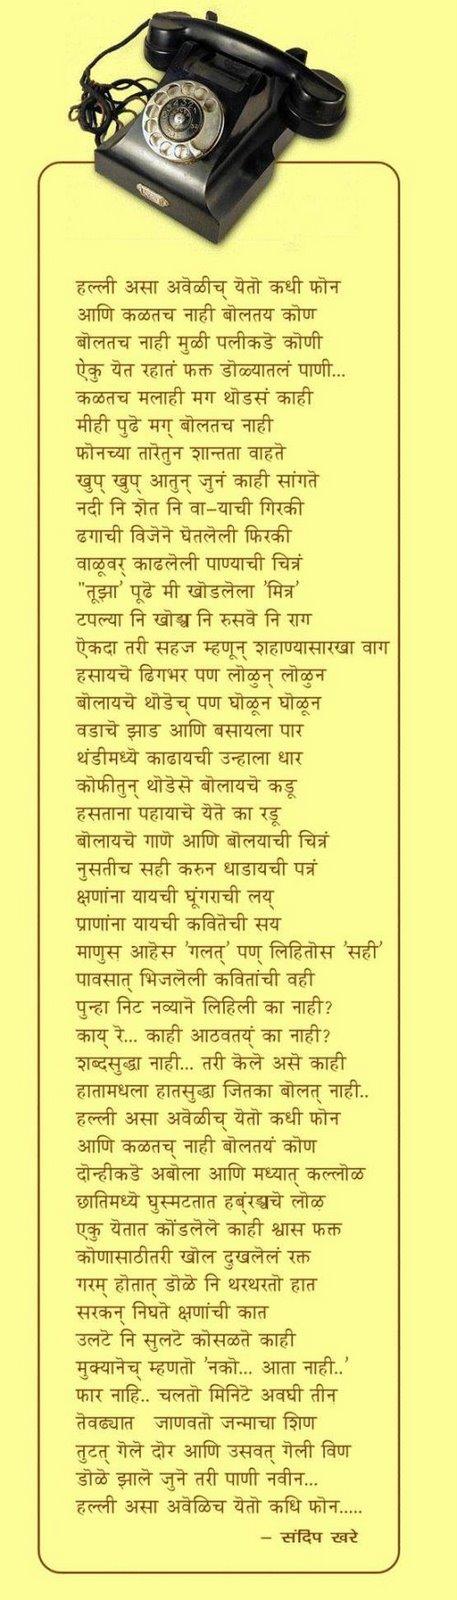 marathi prem kavita. marathi prem kavita. Marathi Prem Kavita Images: . Marathi Prem Kavita Images: . MikeTheC. Nov 12, 10:26 PM. Do not take it wrong,